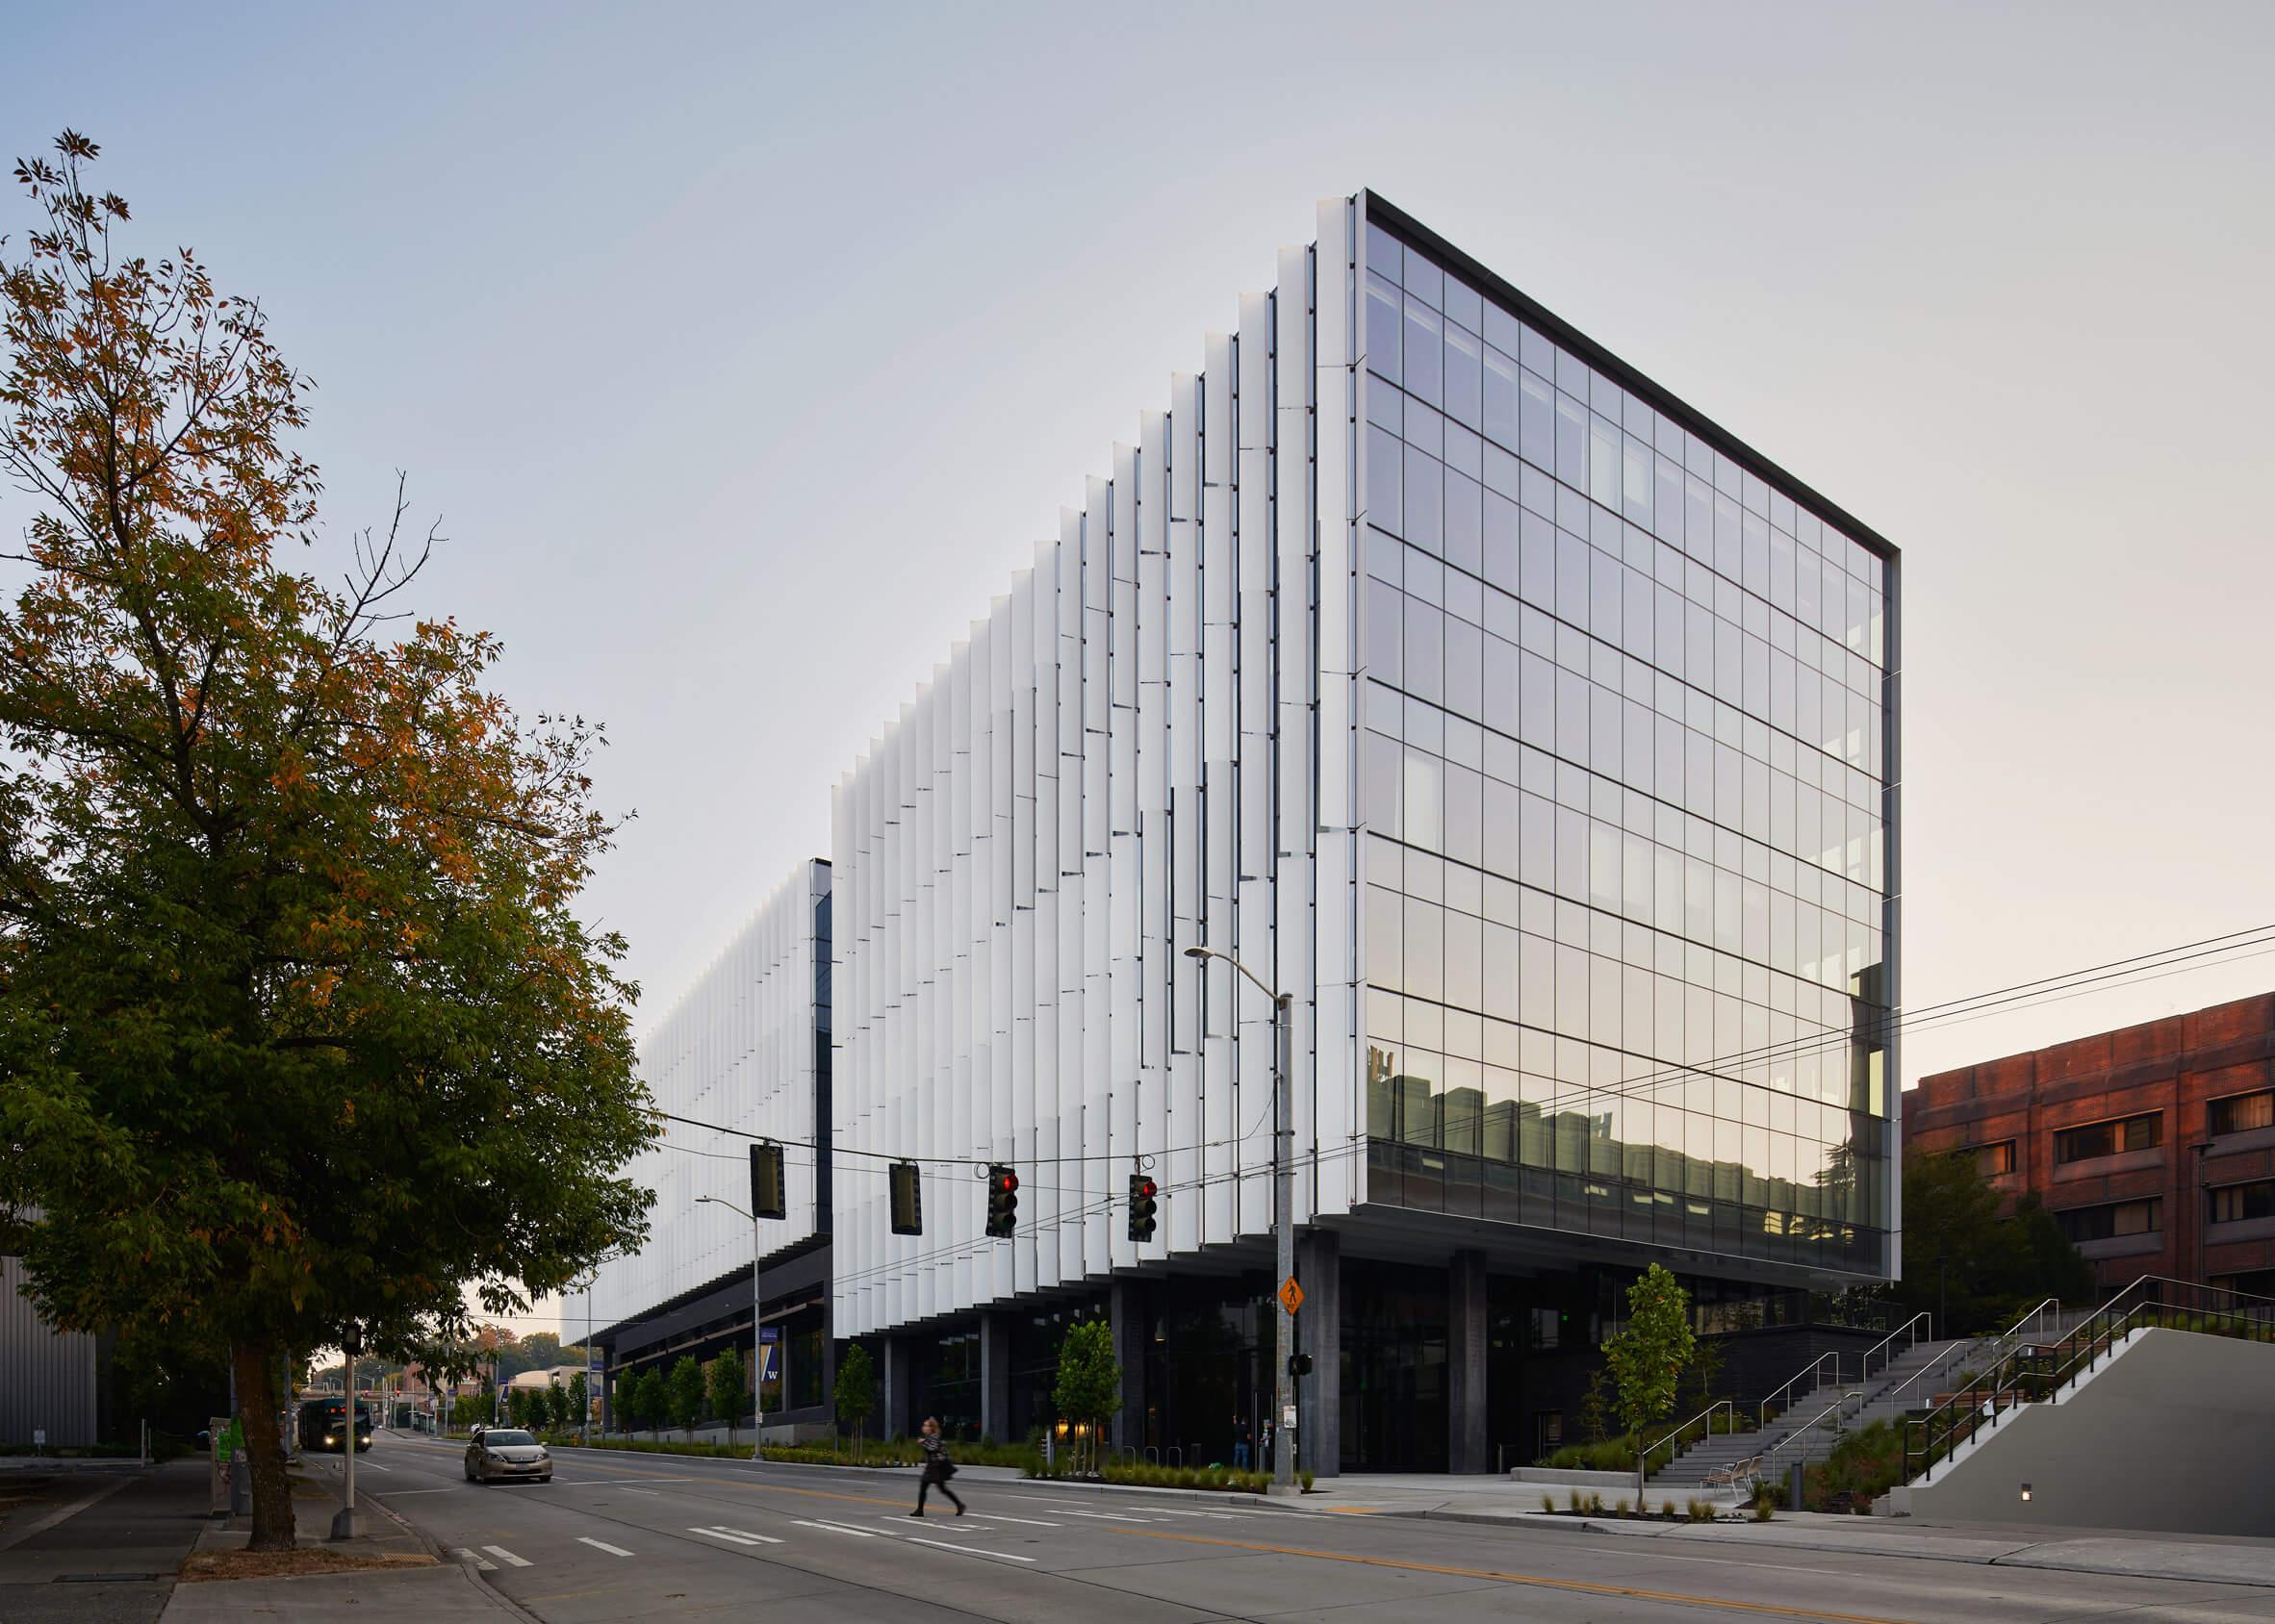 مرکز تحقیقاتی متمرکز بر بهداشت عمومی